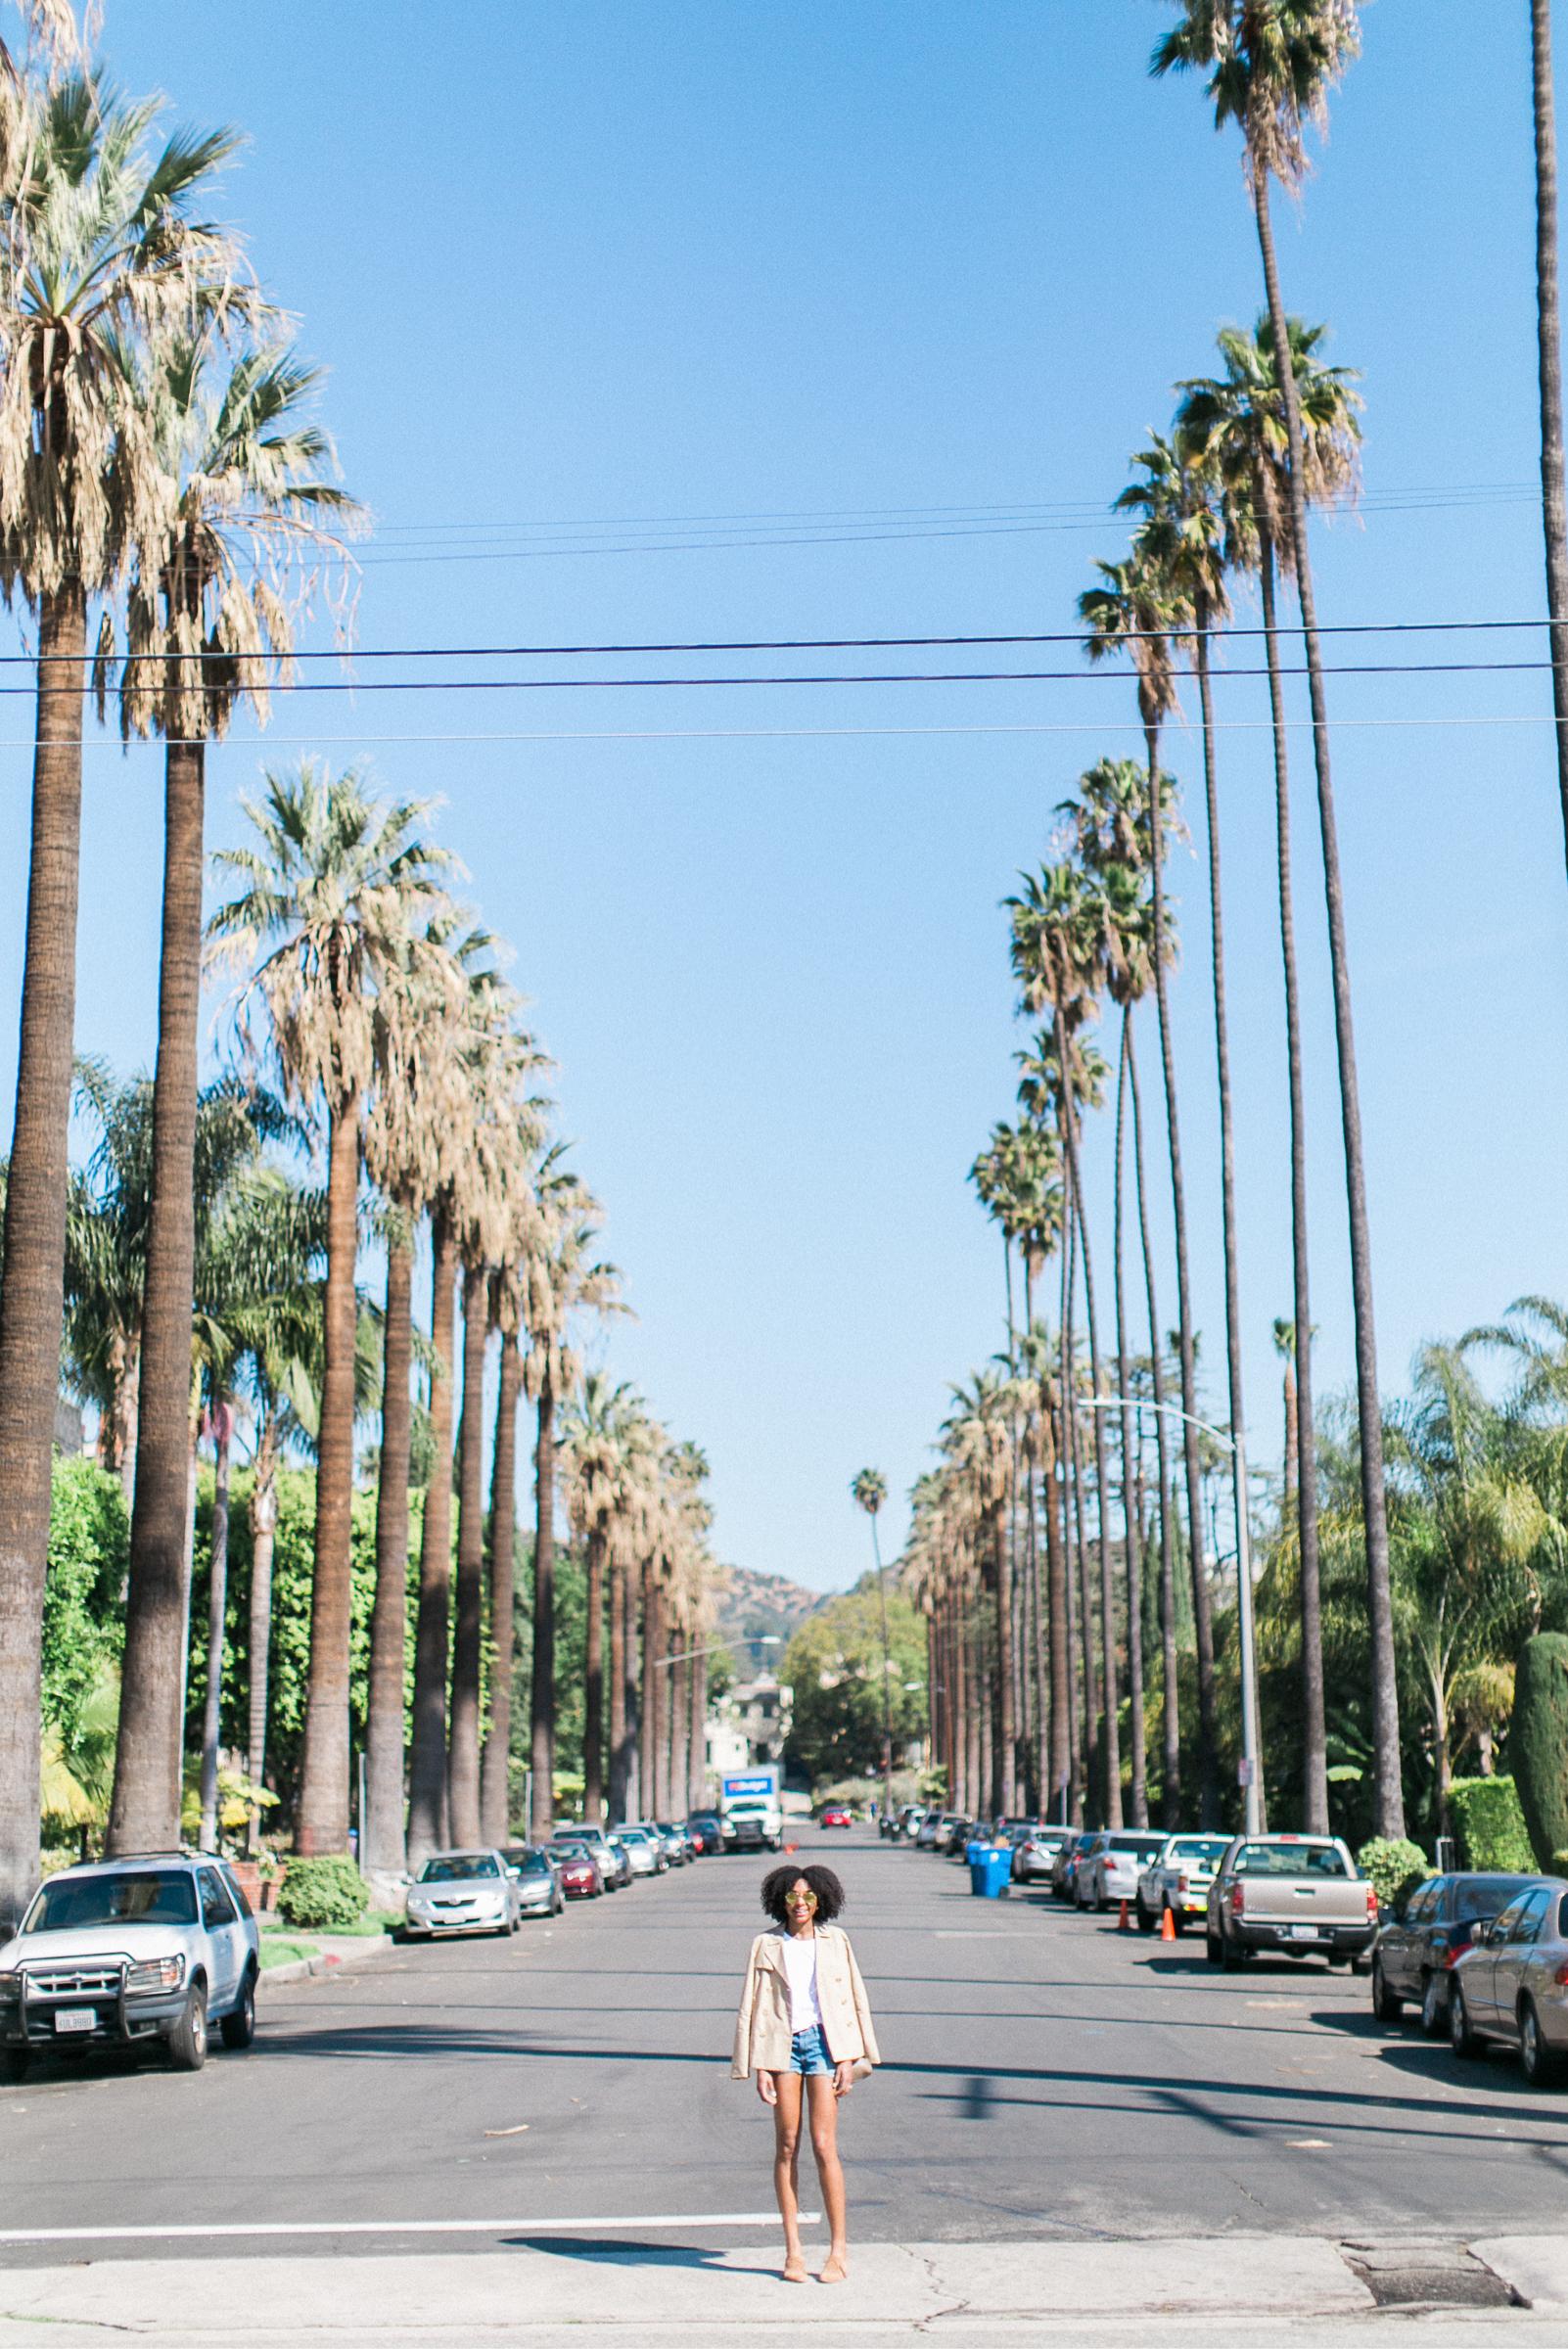 J. Lee Photos Los Angeles Los Feliz